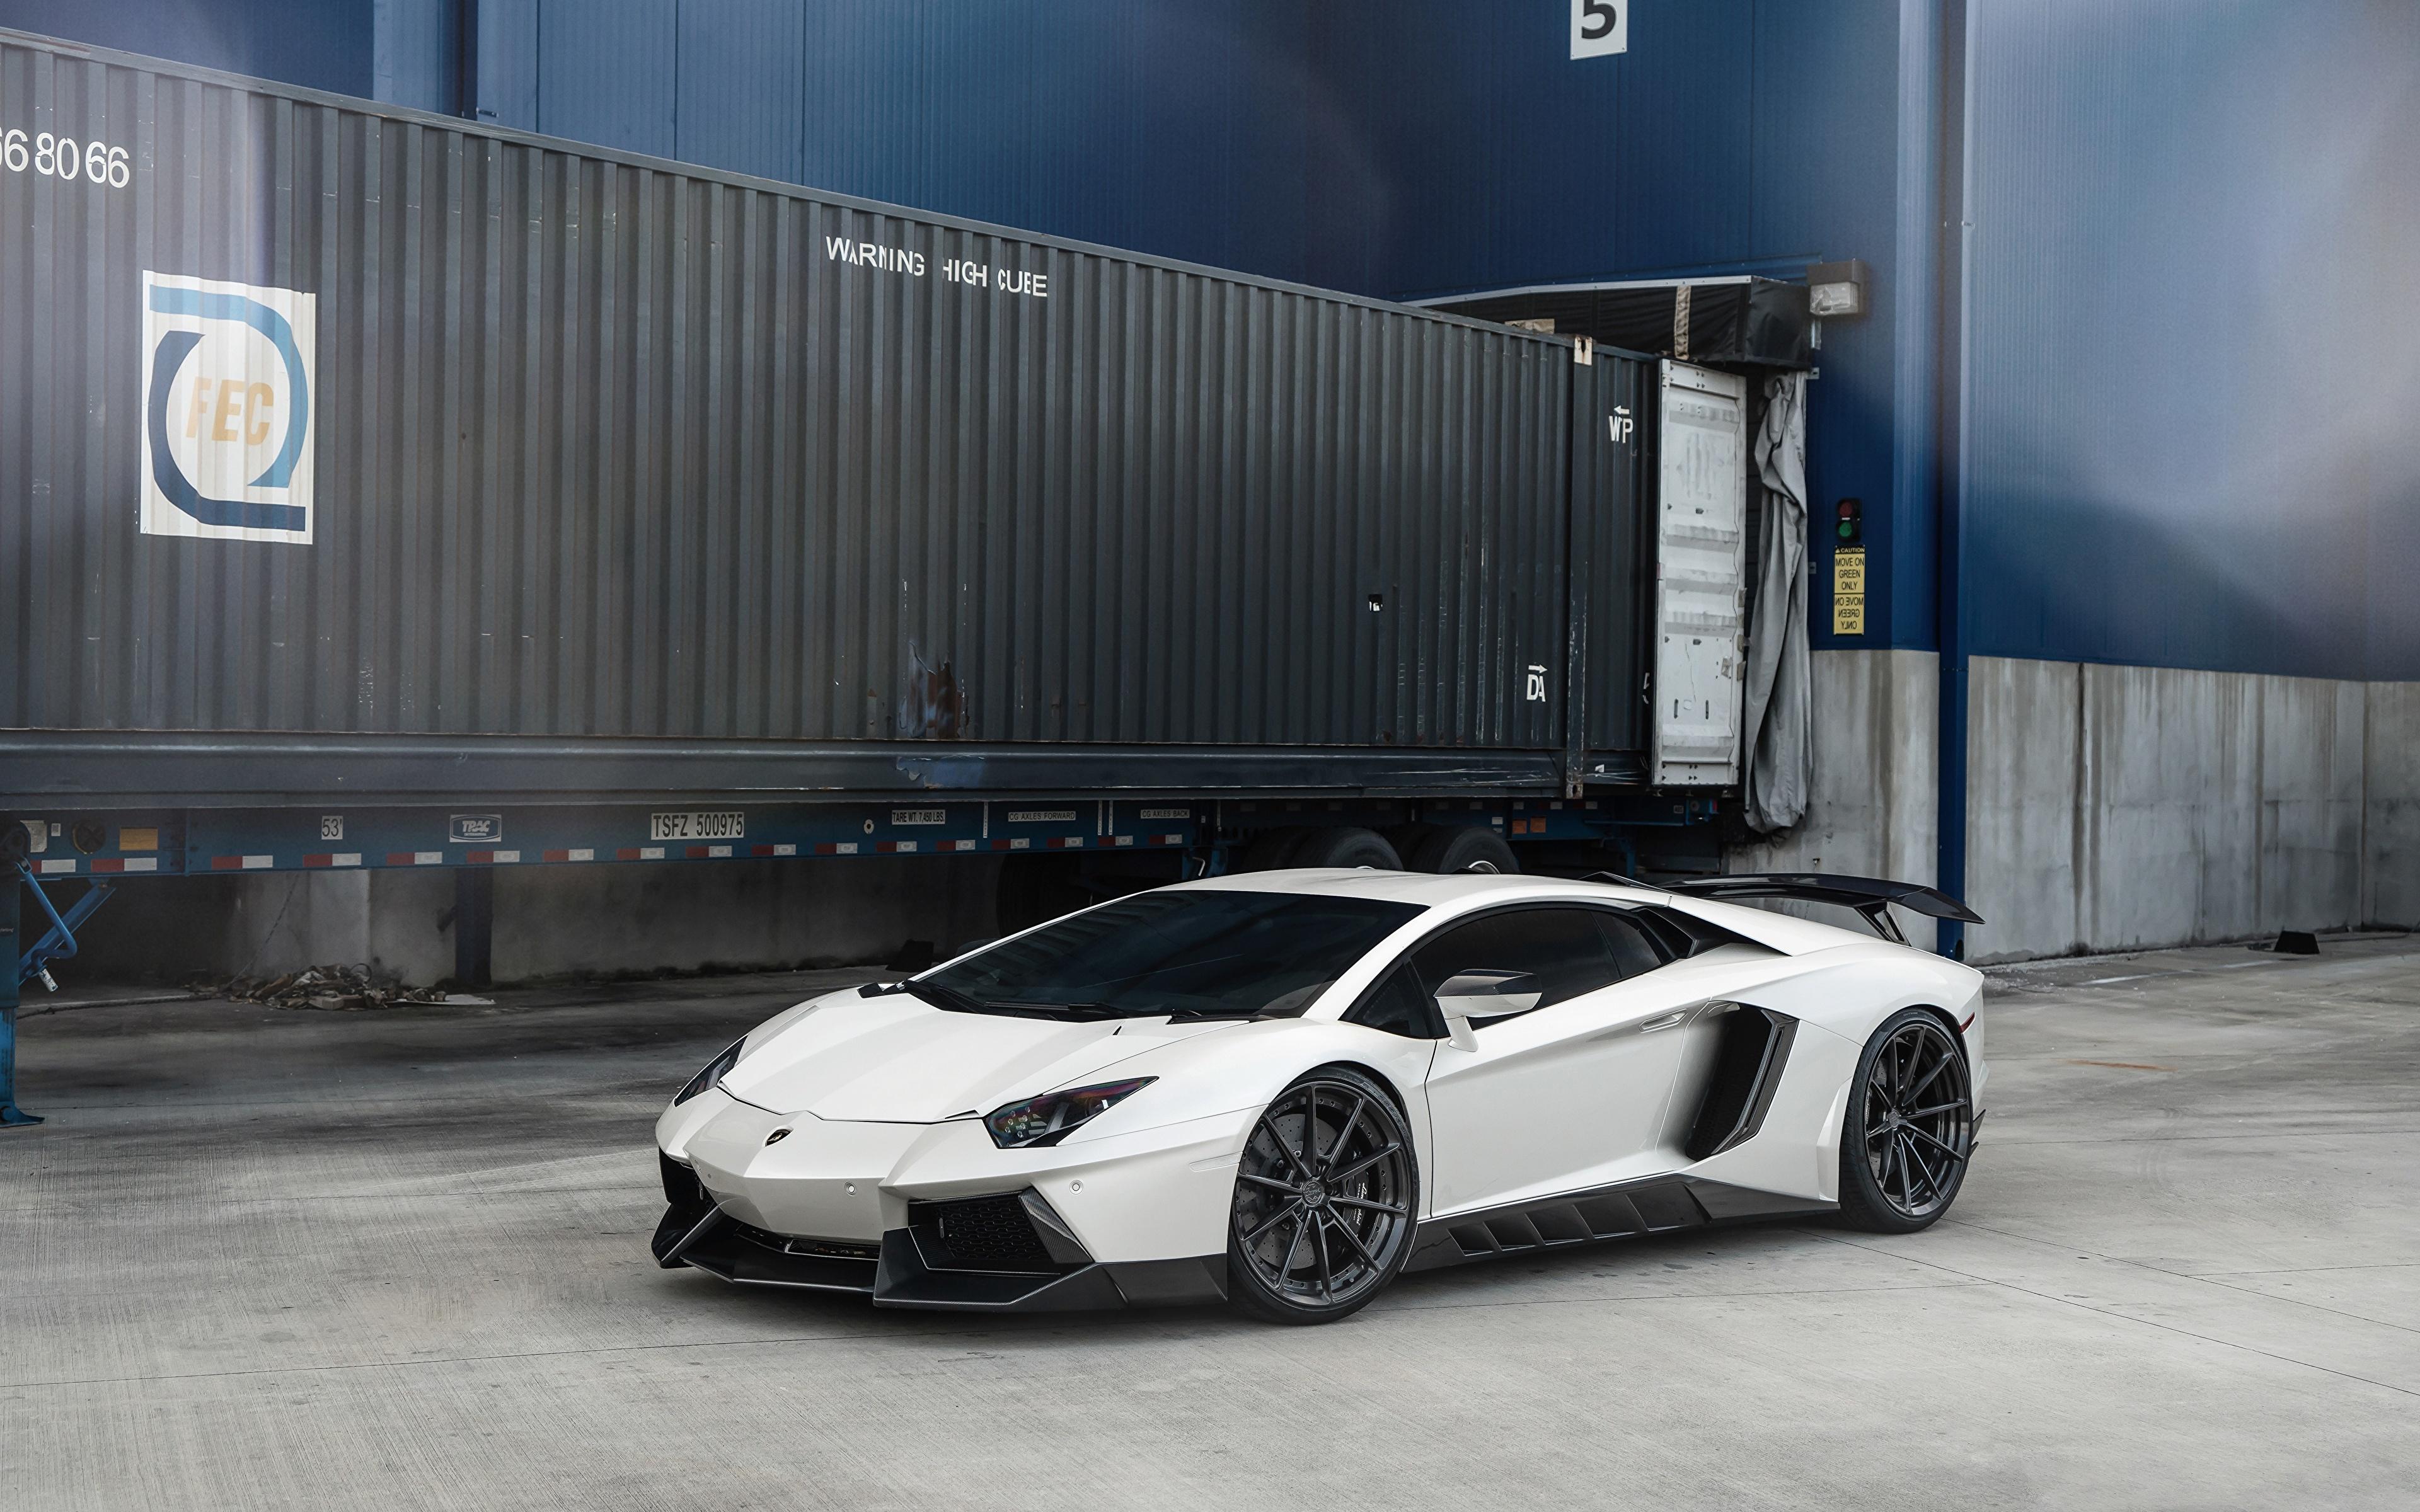 Фотография Ламборгини LP700 ANRKY AN28 белых машина 3840x2400 Lamborghini белая белые Белый авто машины Автомобили автомобиль